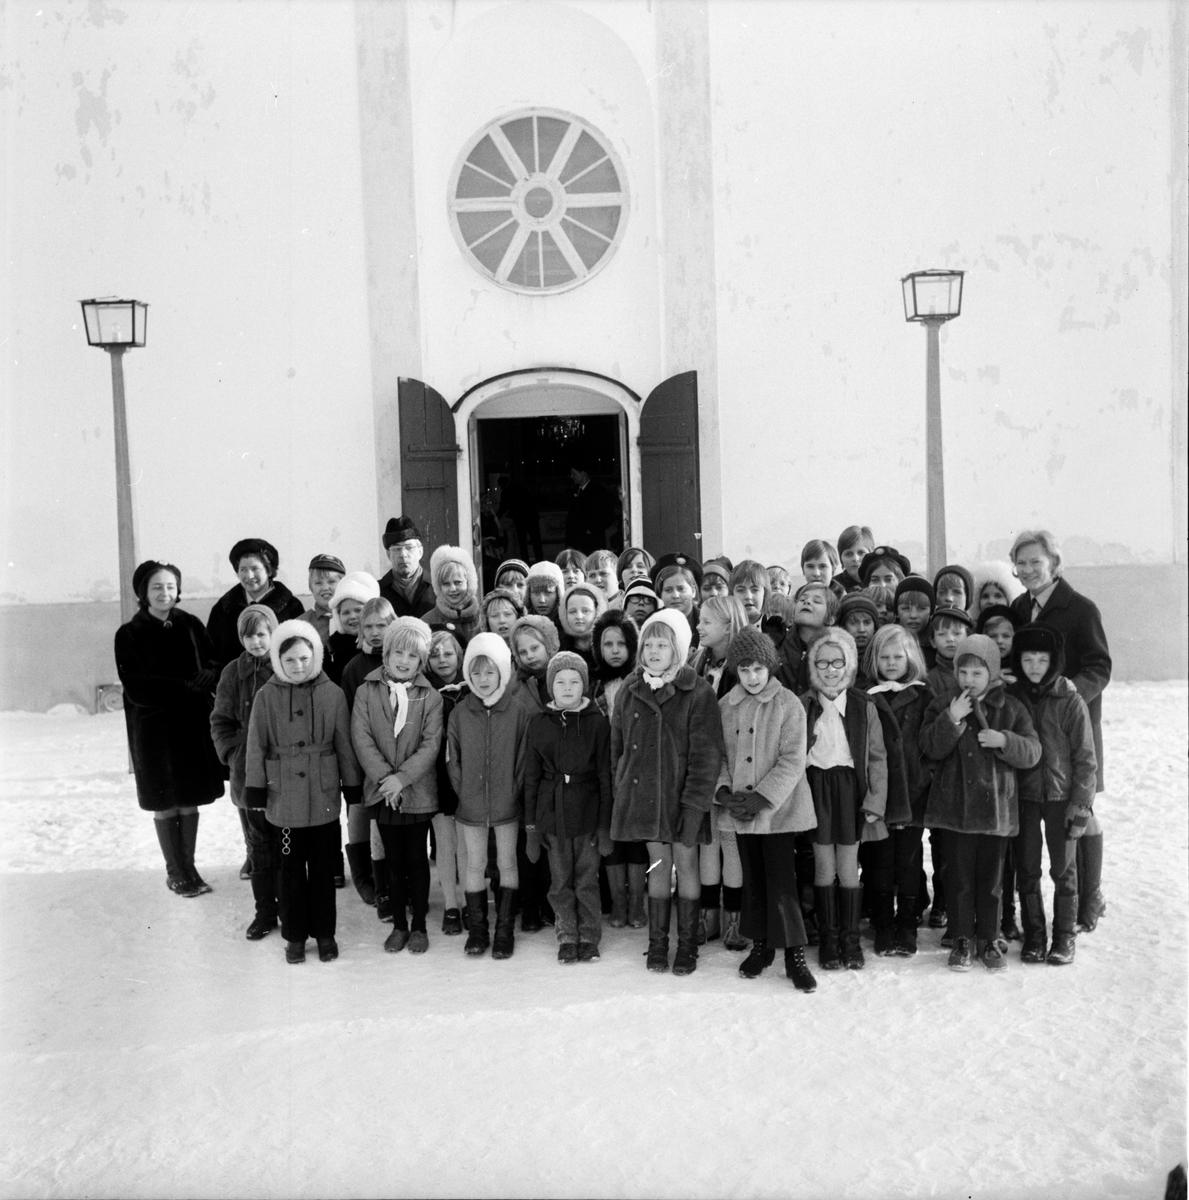 Undersvik, Stiftsgården, Feb 1970